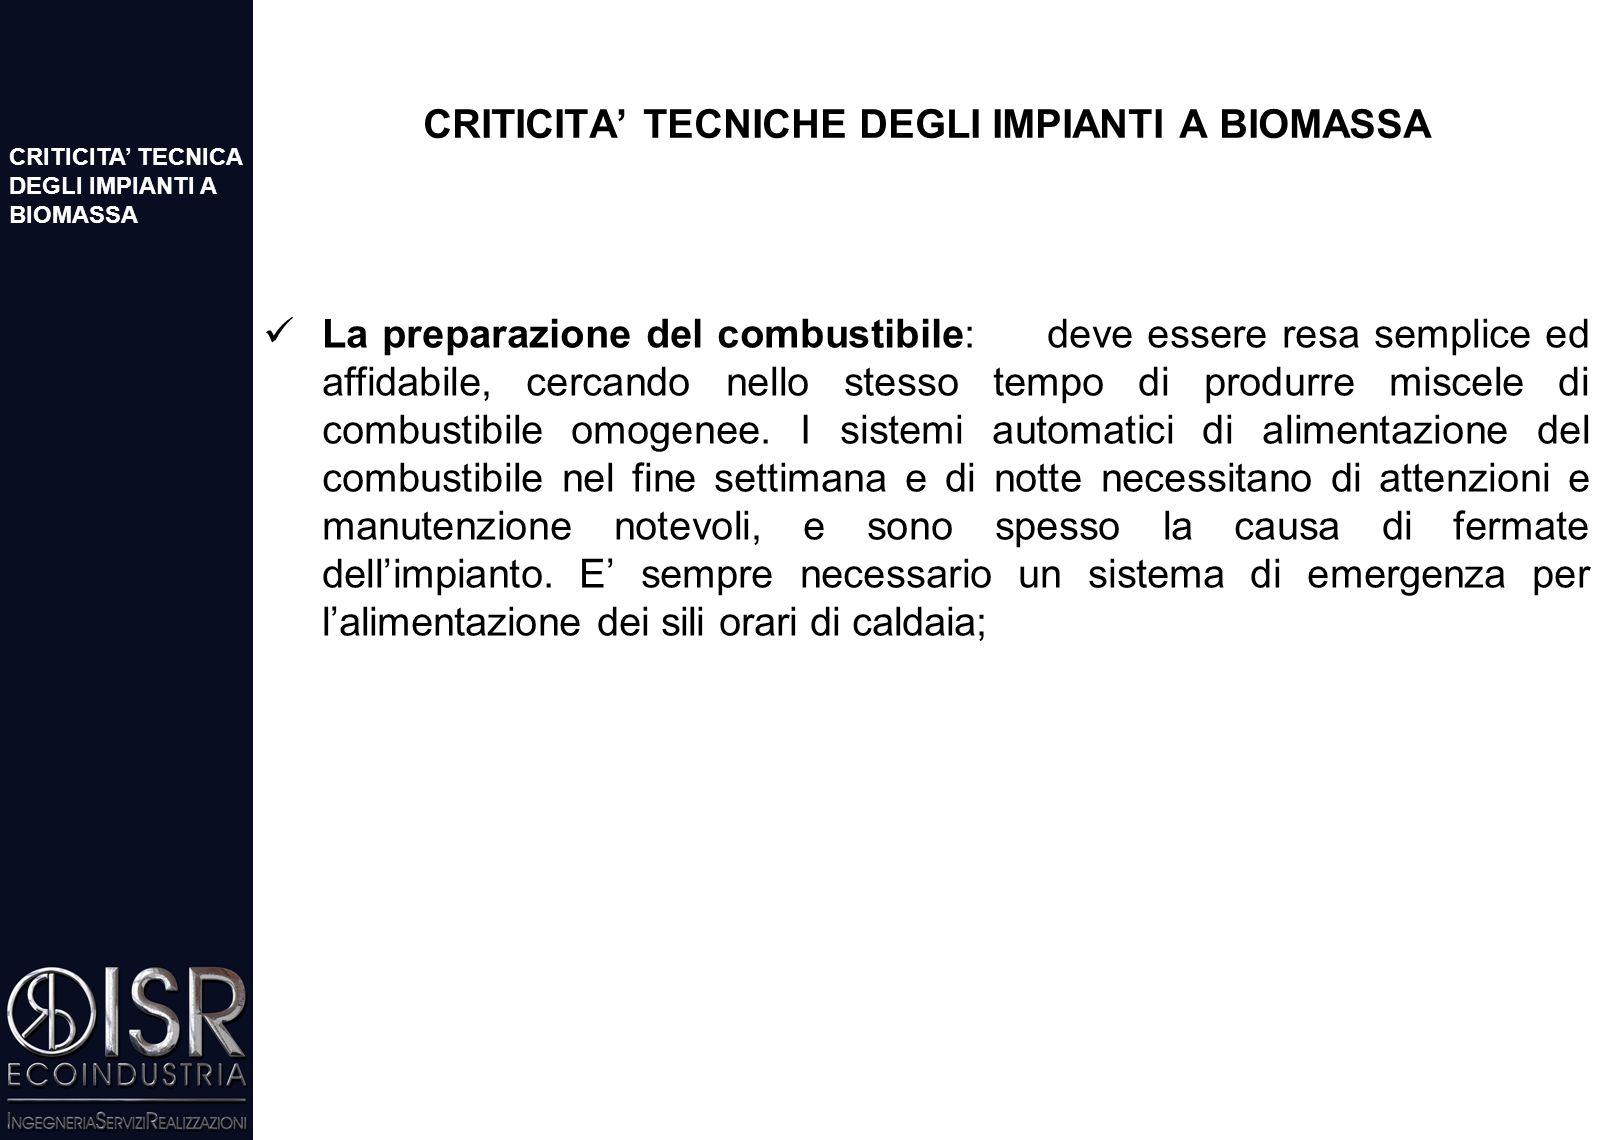 L'INTERESSE PER LO SVILUPPPO DELLE BIOMASSE IN ITALIA La dinamica di crescita del comparto è assai limitata e non consente di prevedere il raggiungimento degli obiettivi fissati di sostituzione di fonti fossili e di riduzione dei gas serra.